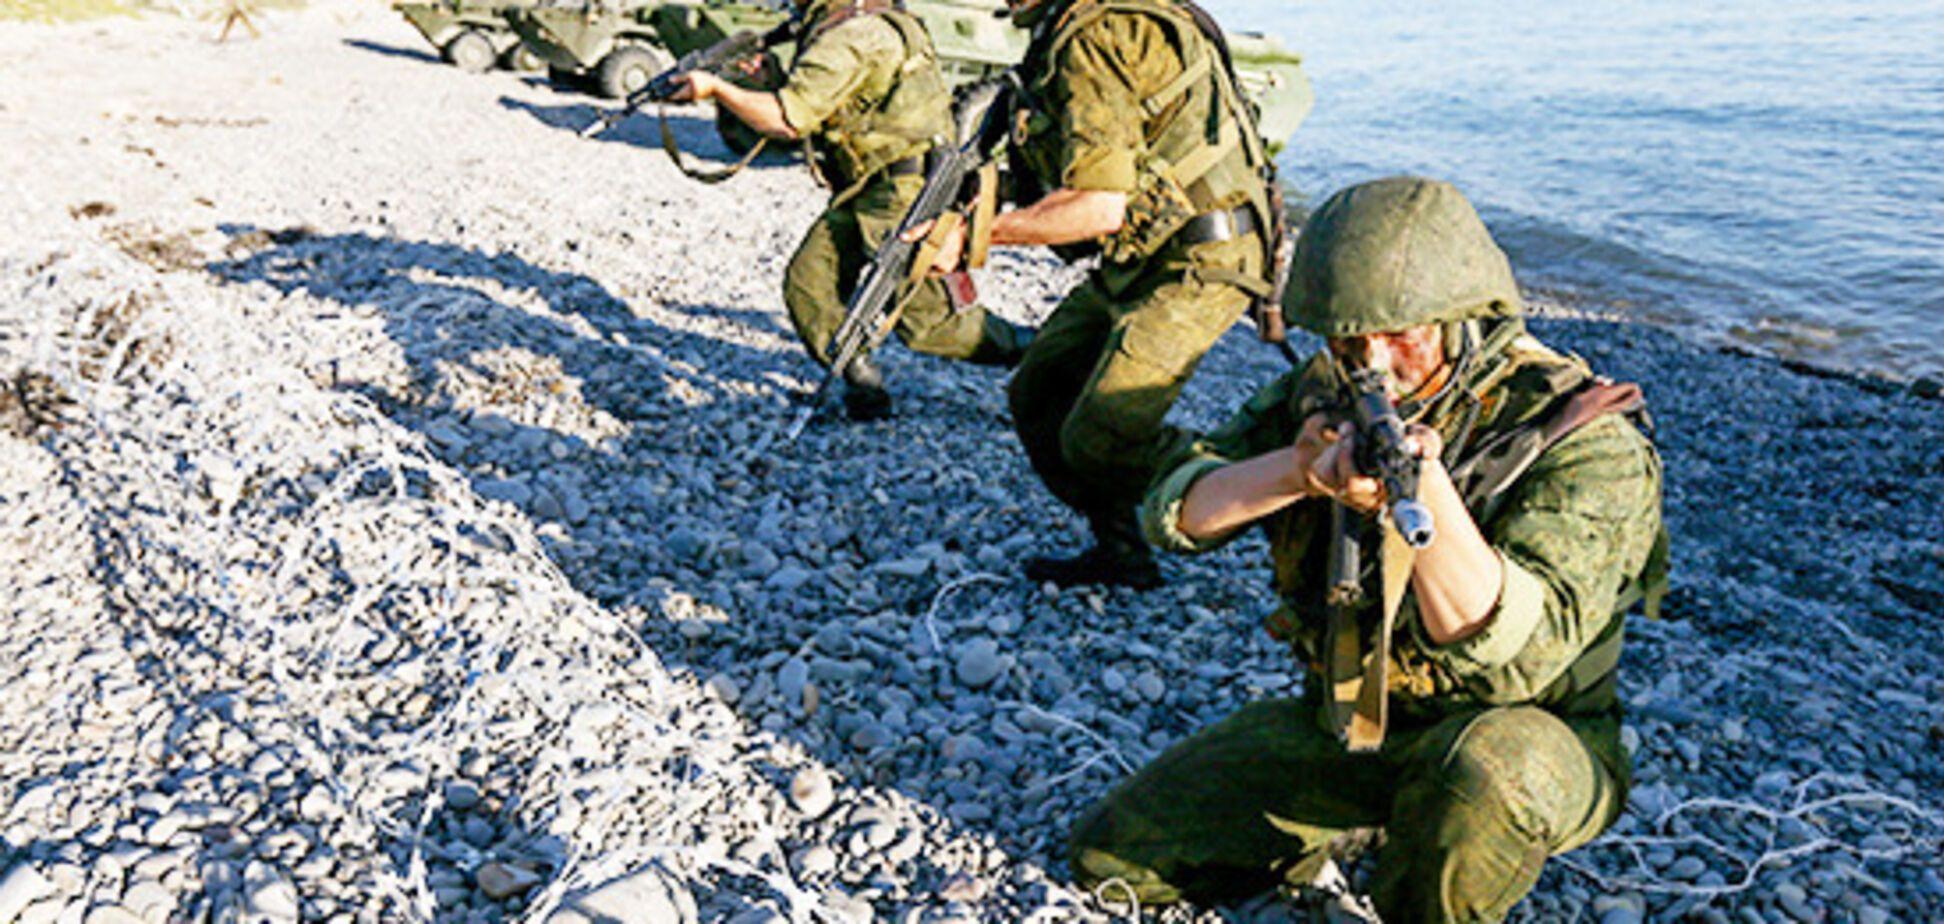 Більше, ніж за часів СРСР: розсекречено кількість військ Росії в Криму